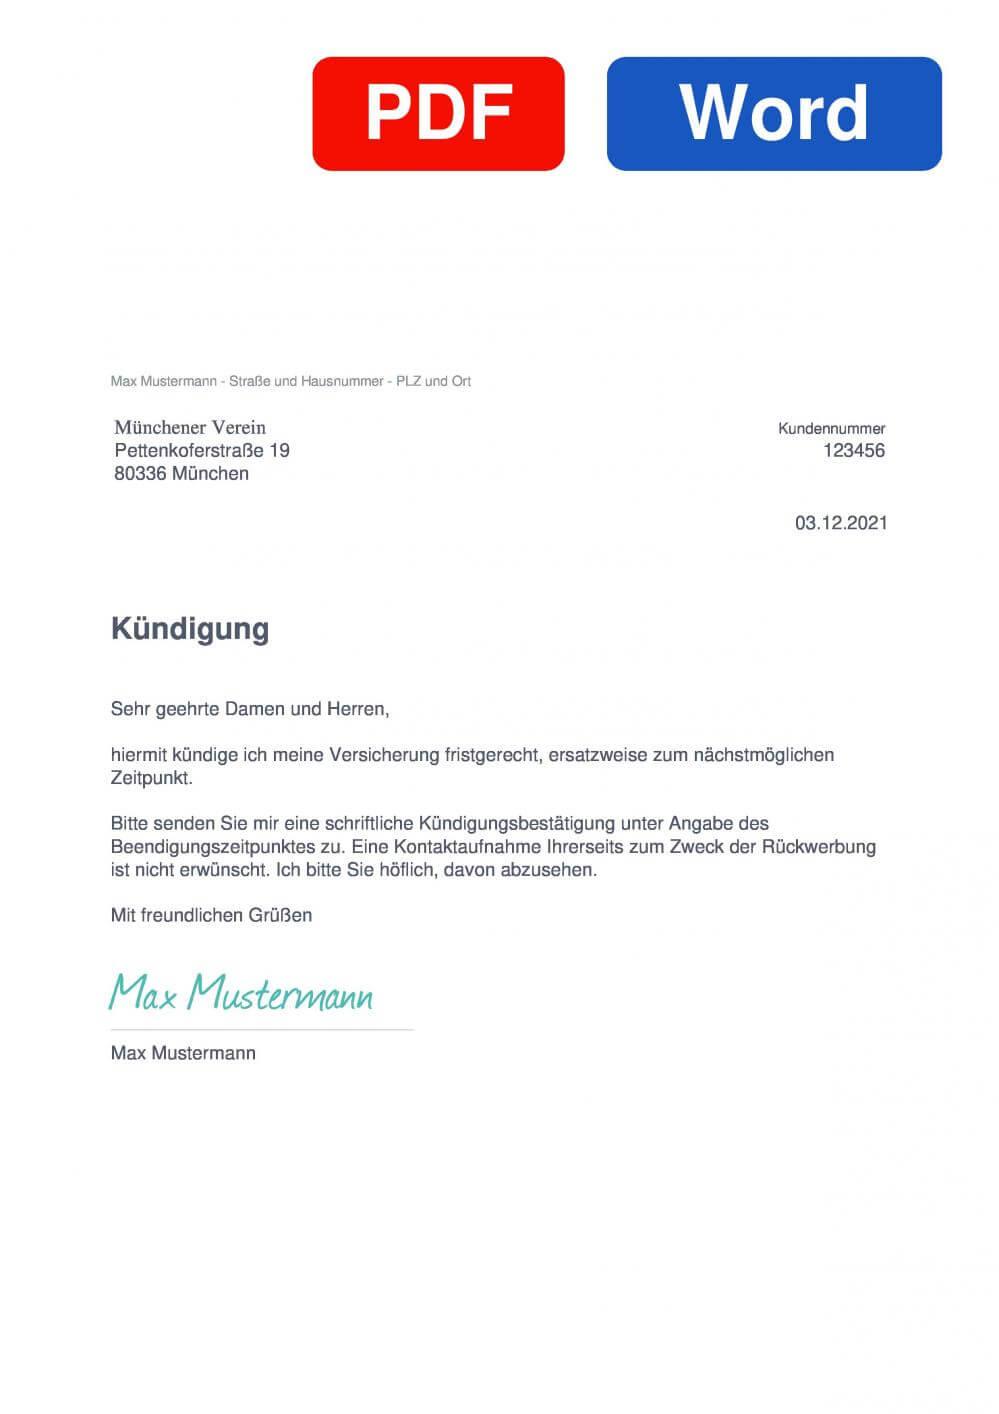 Münchener Verein Haftpflichtversicherung Muster Vorlage für Kündigungsschreiben